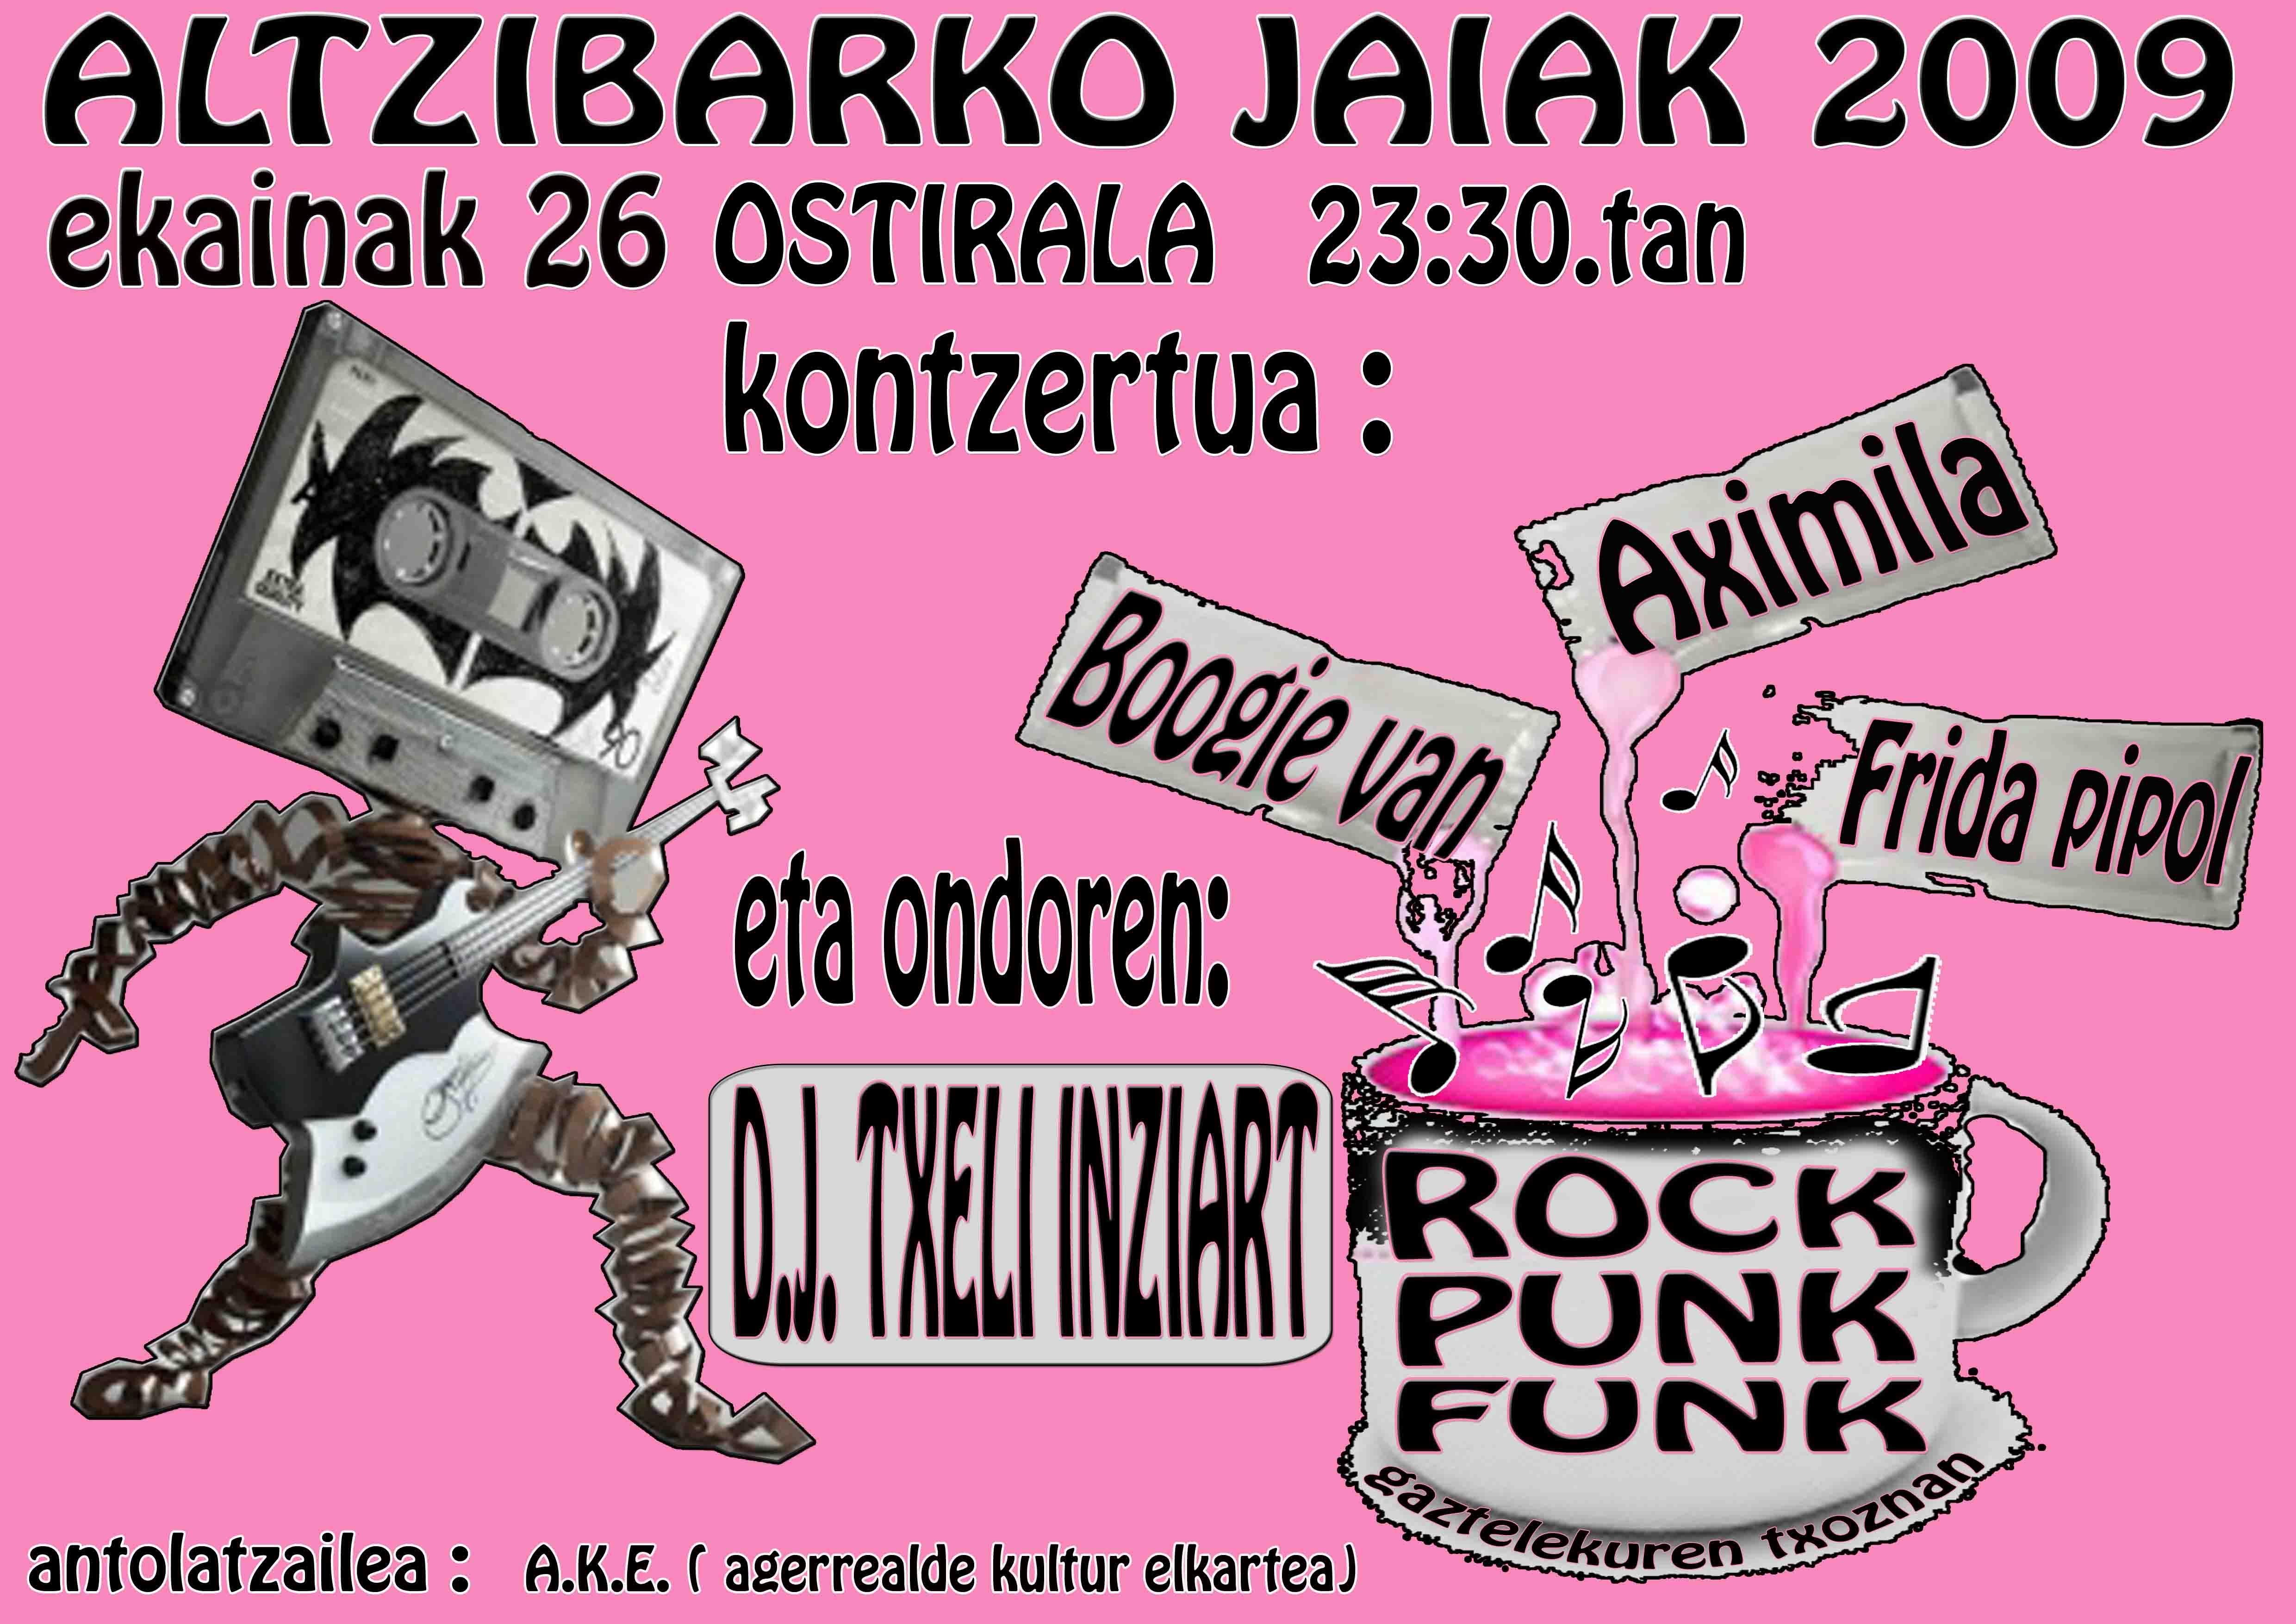 jaiak-2009-horizontal-2.jpg